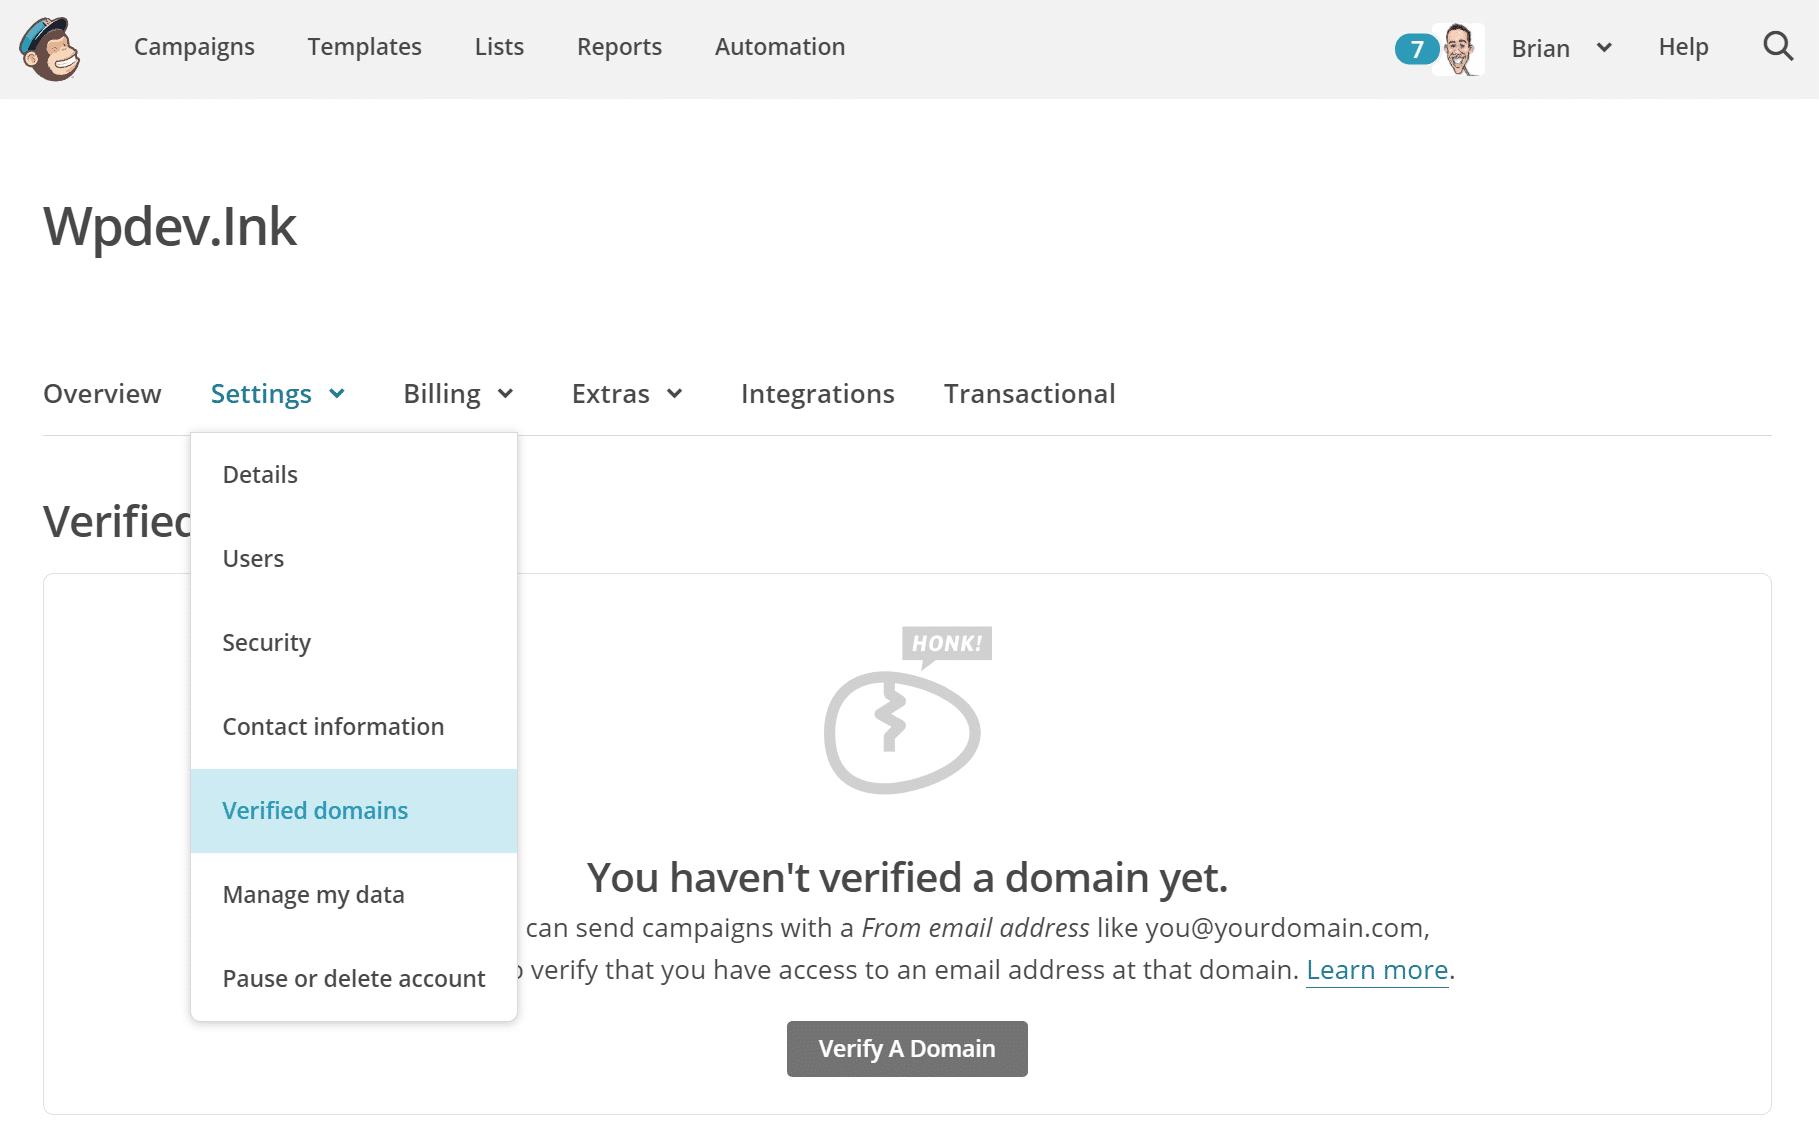 MailChimp domínios verificados